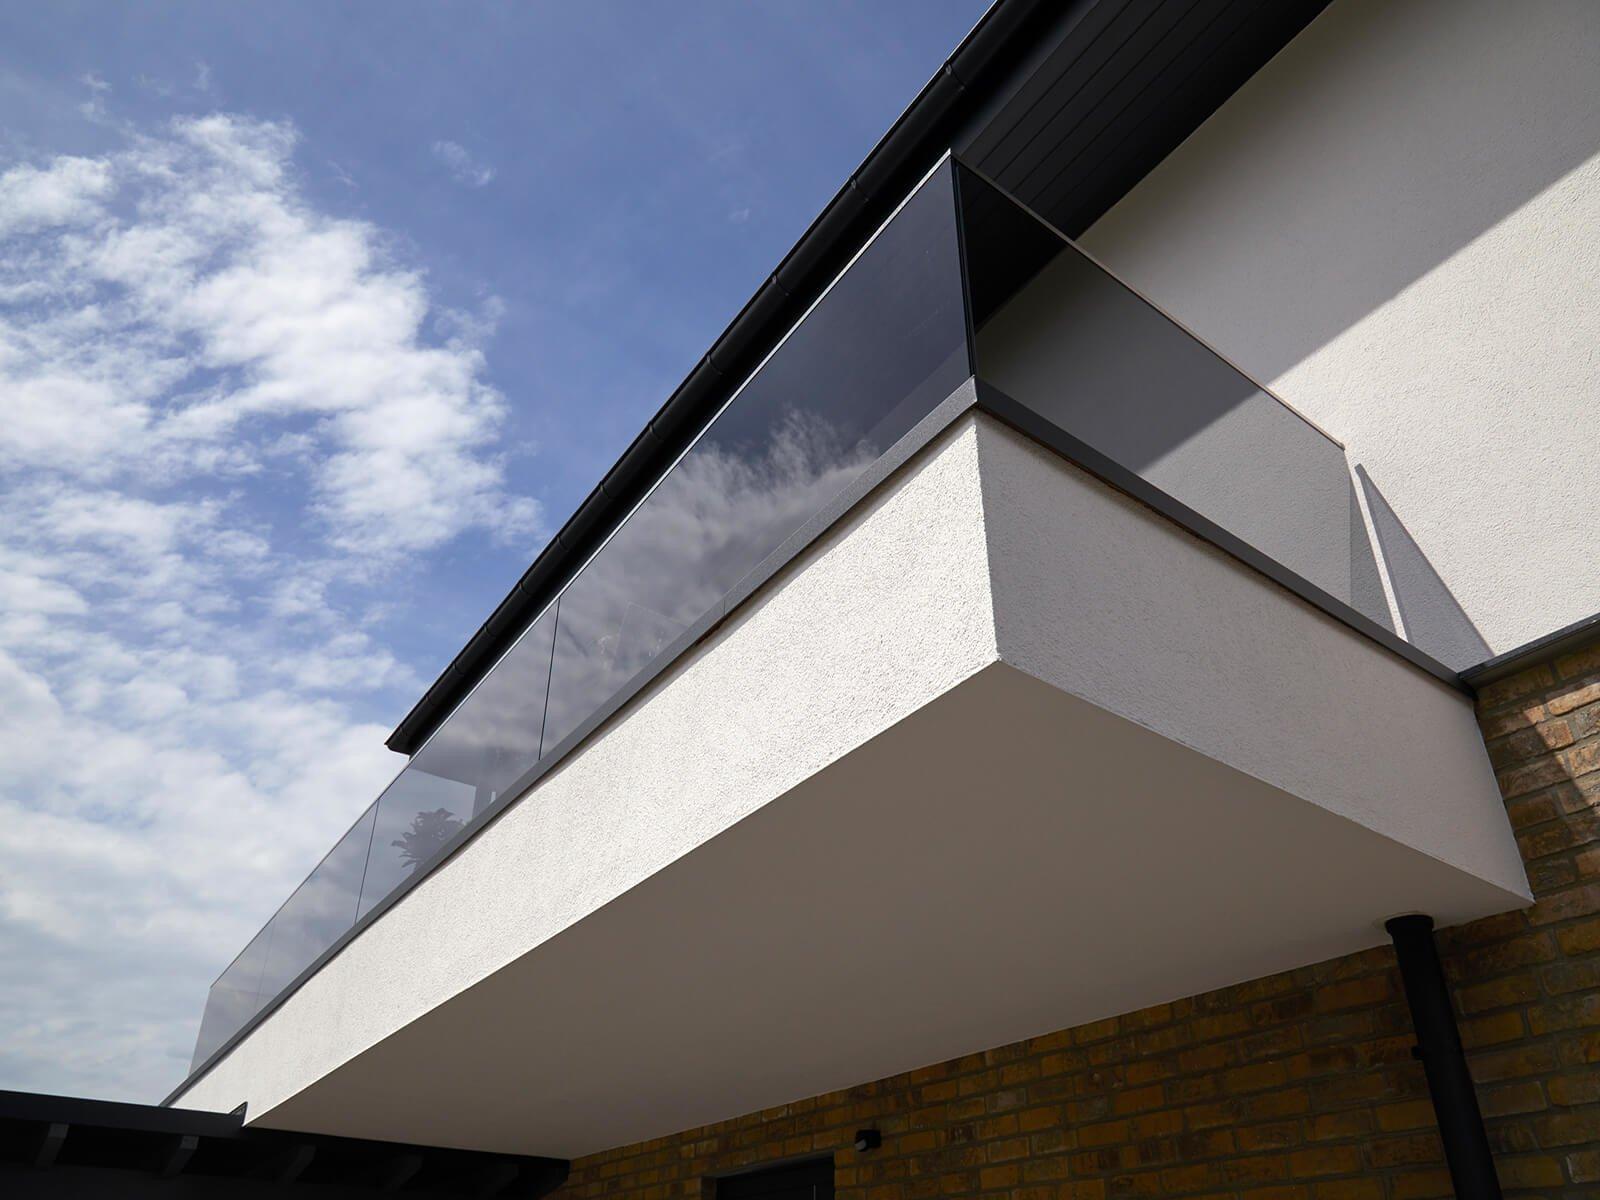 Balkongeländer FORMAL zur aufgesetzten Montage flexibler Einsatz dank schmalem Profil ideal für Innen und Außenbereiche